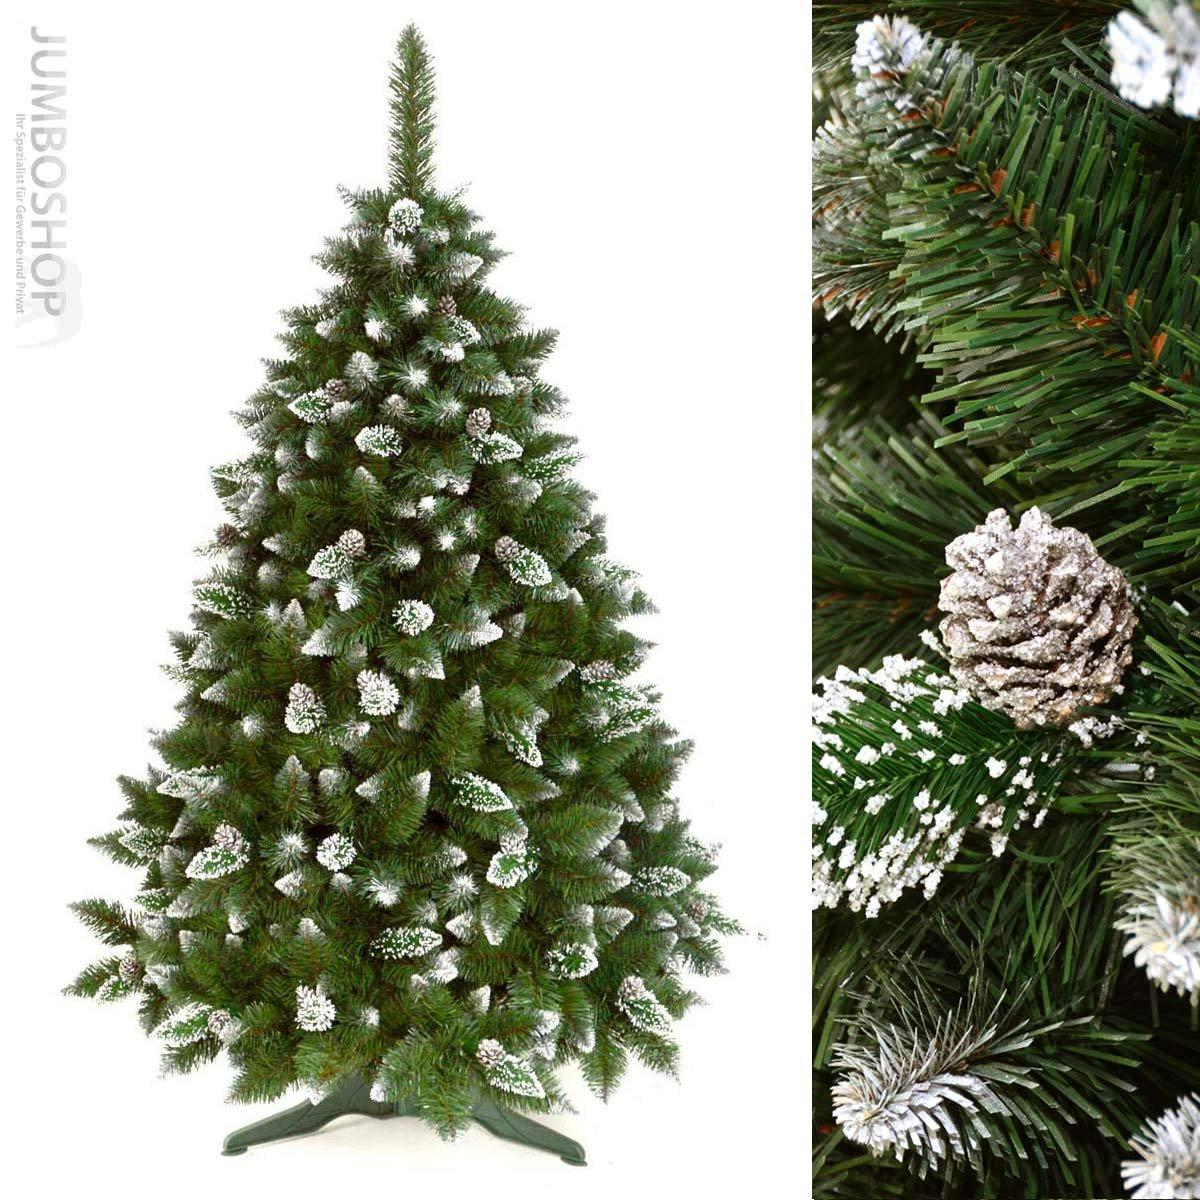 PREMIUM Weihnachtsbaum Tannenbaum künstlich